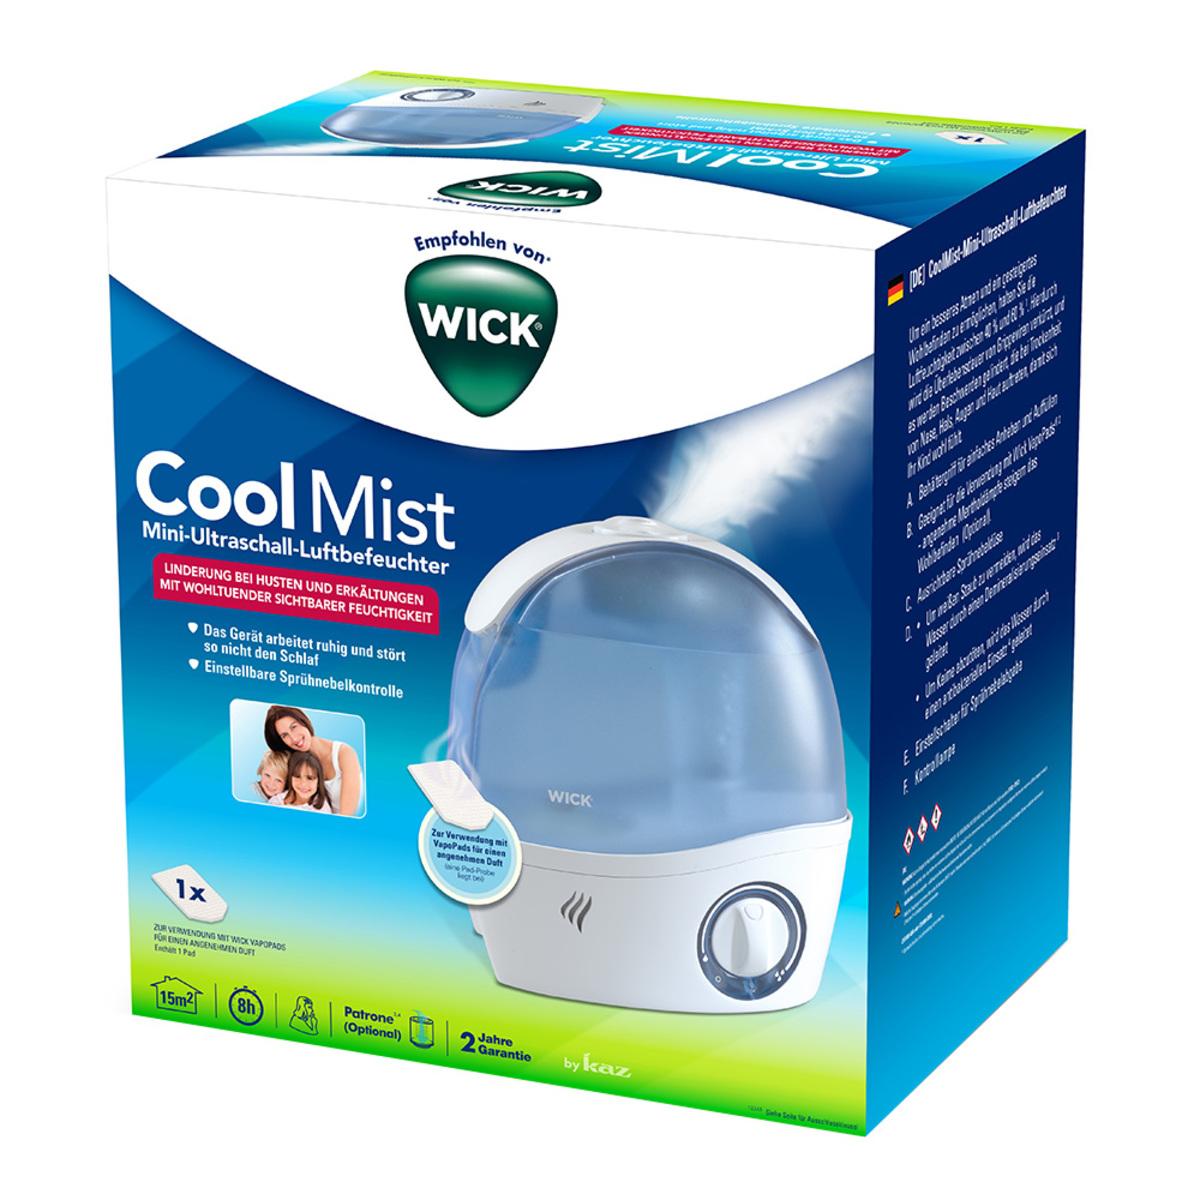 Bild 2 von Wick              CoolMist Mini-Ultraschall-Luftbefeuchter WH5000E4